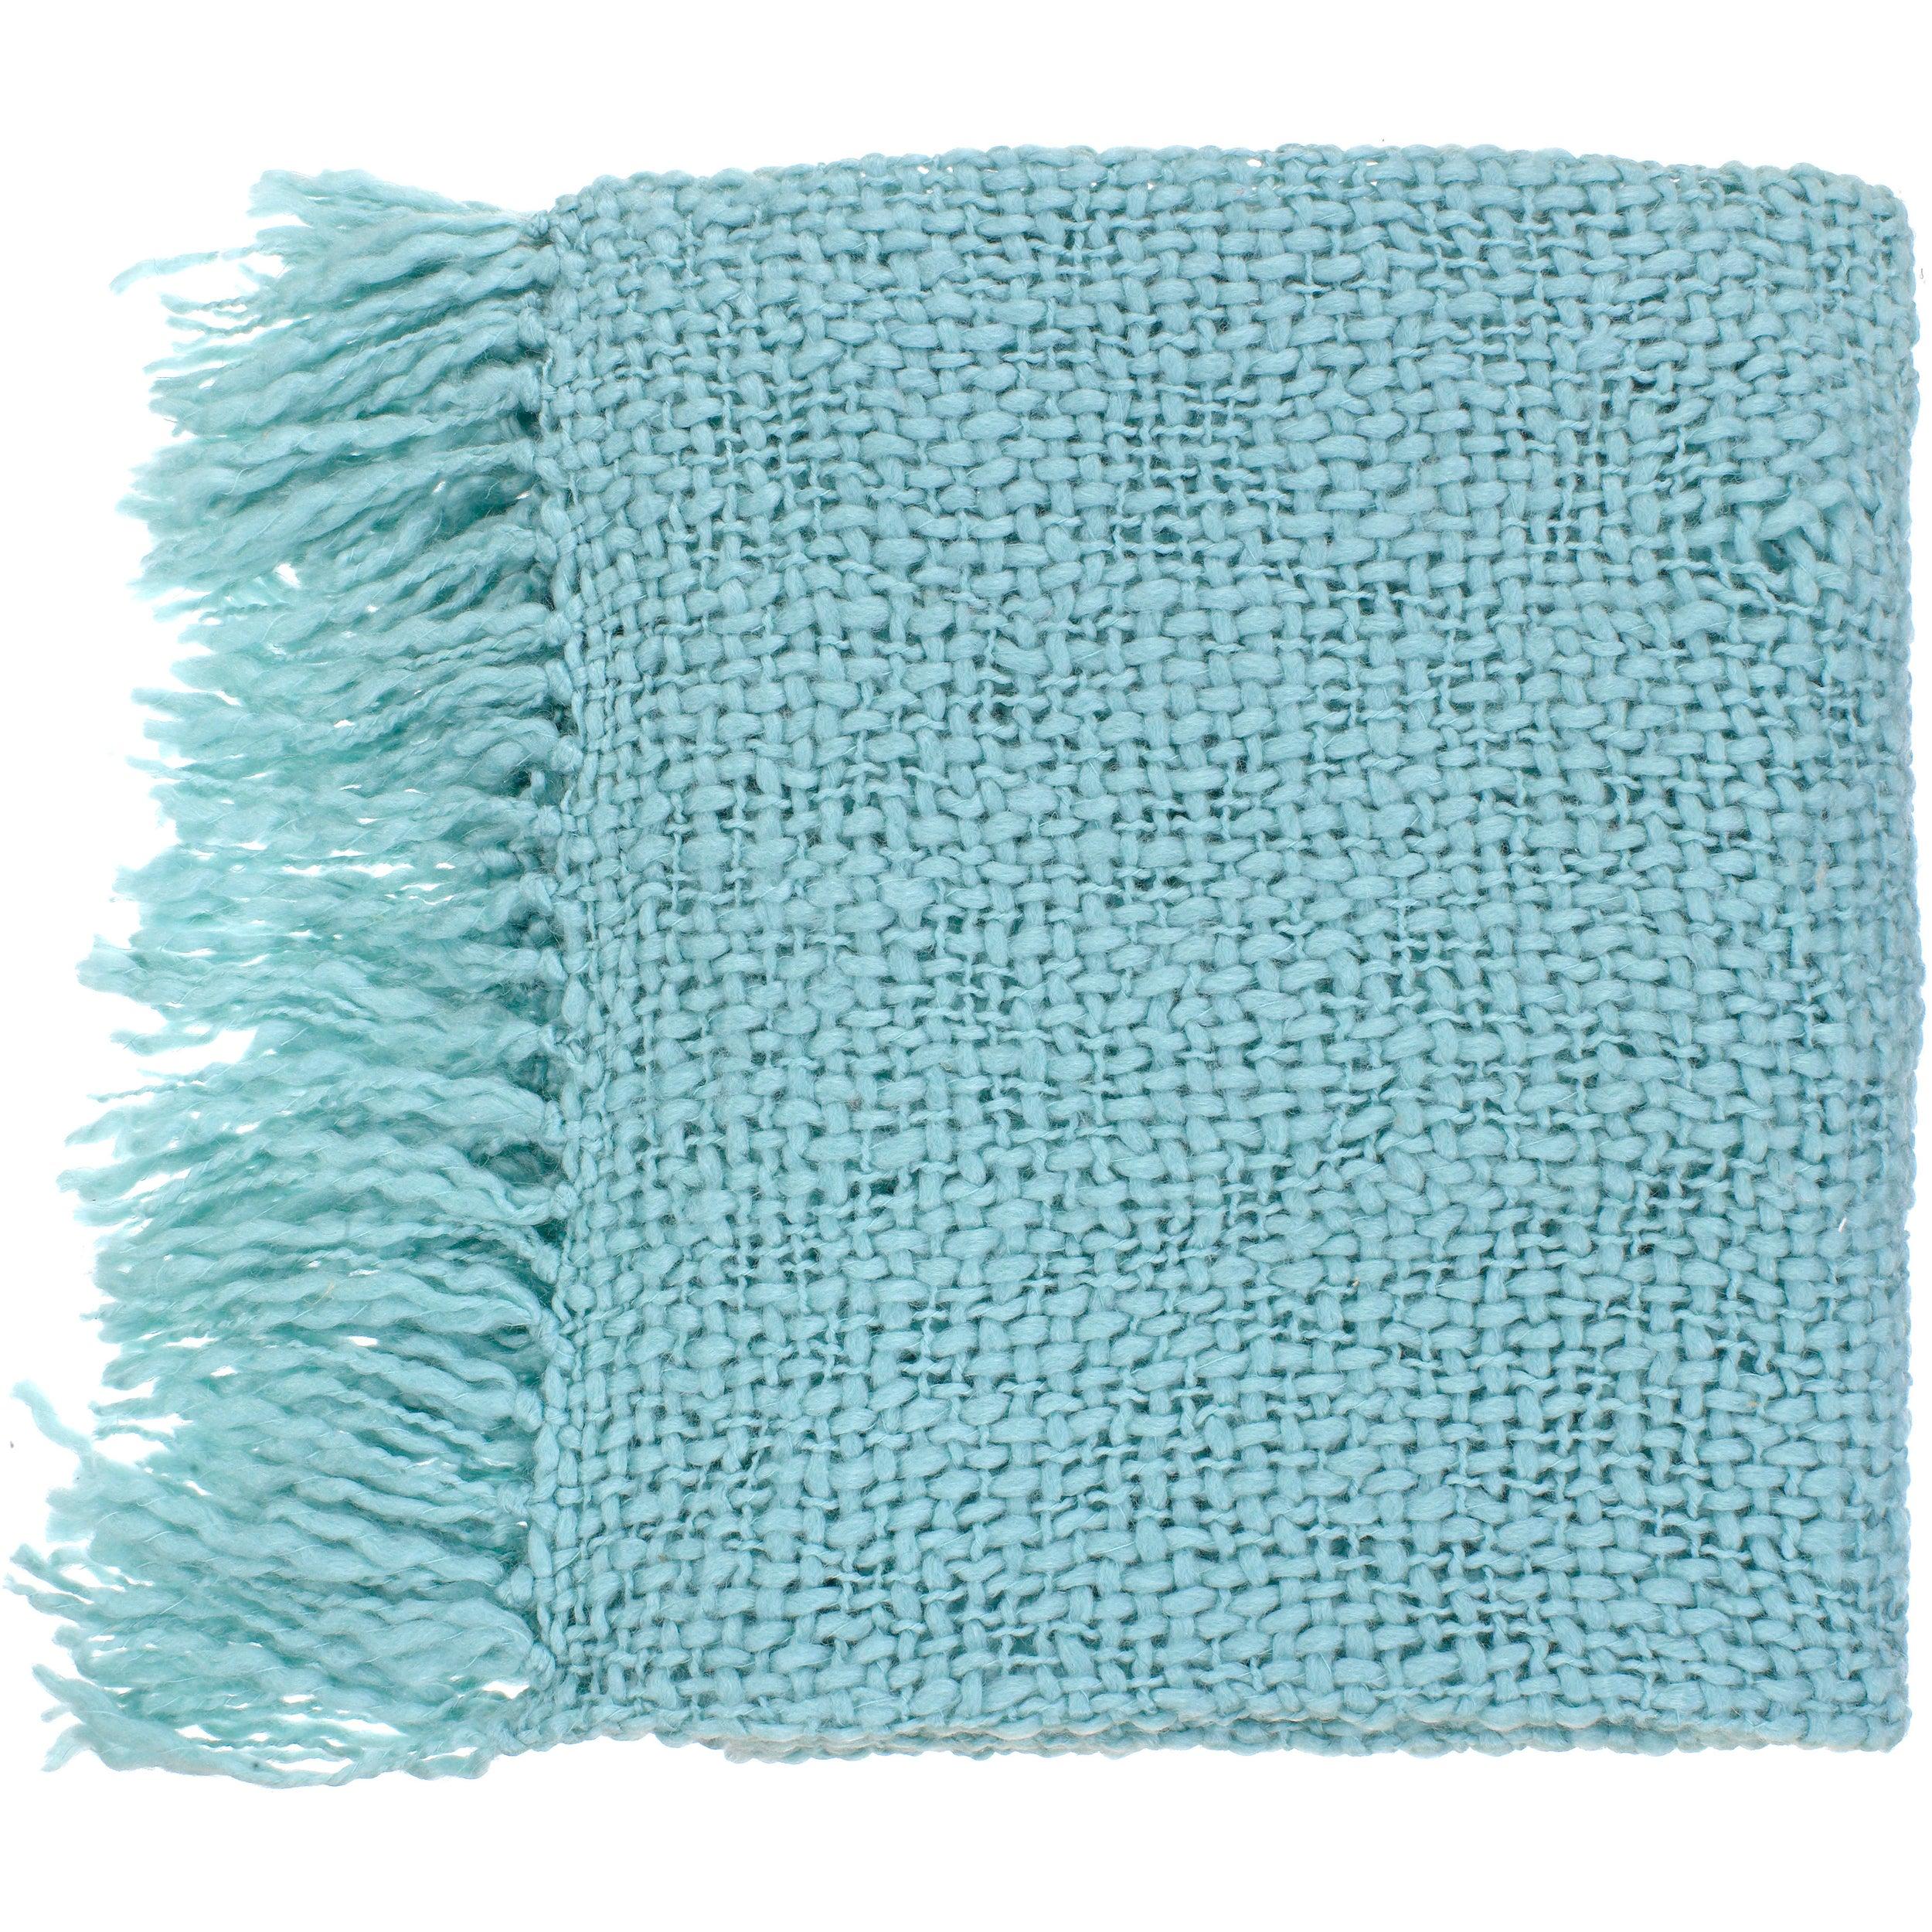 Woven Wake Acrylic and Wool Throw Blanket